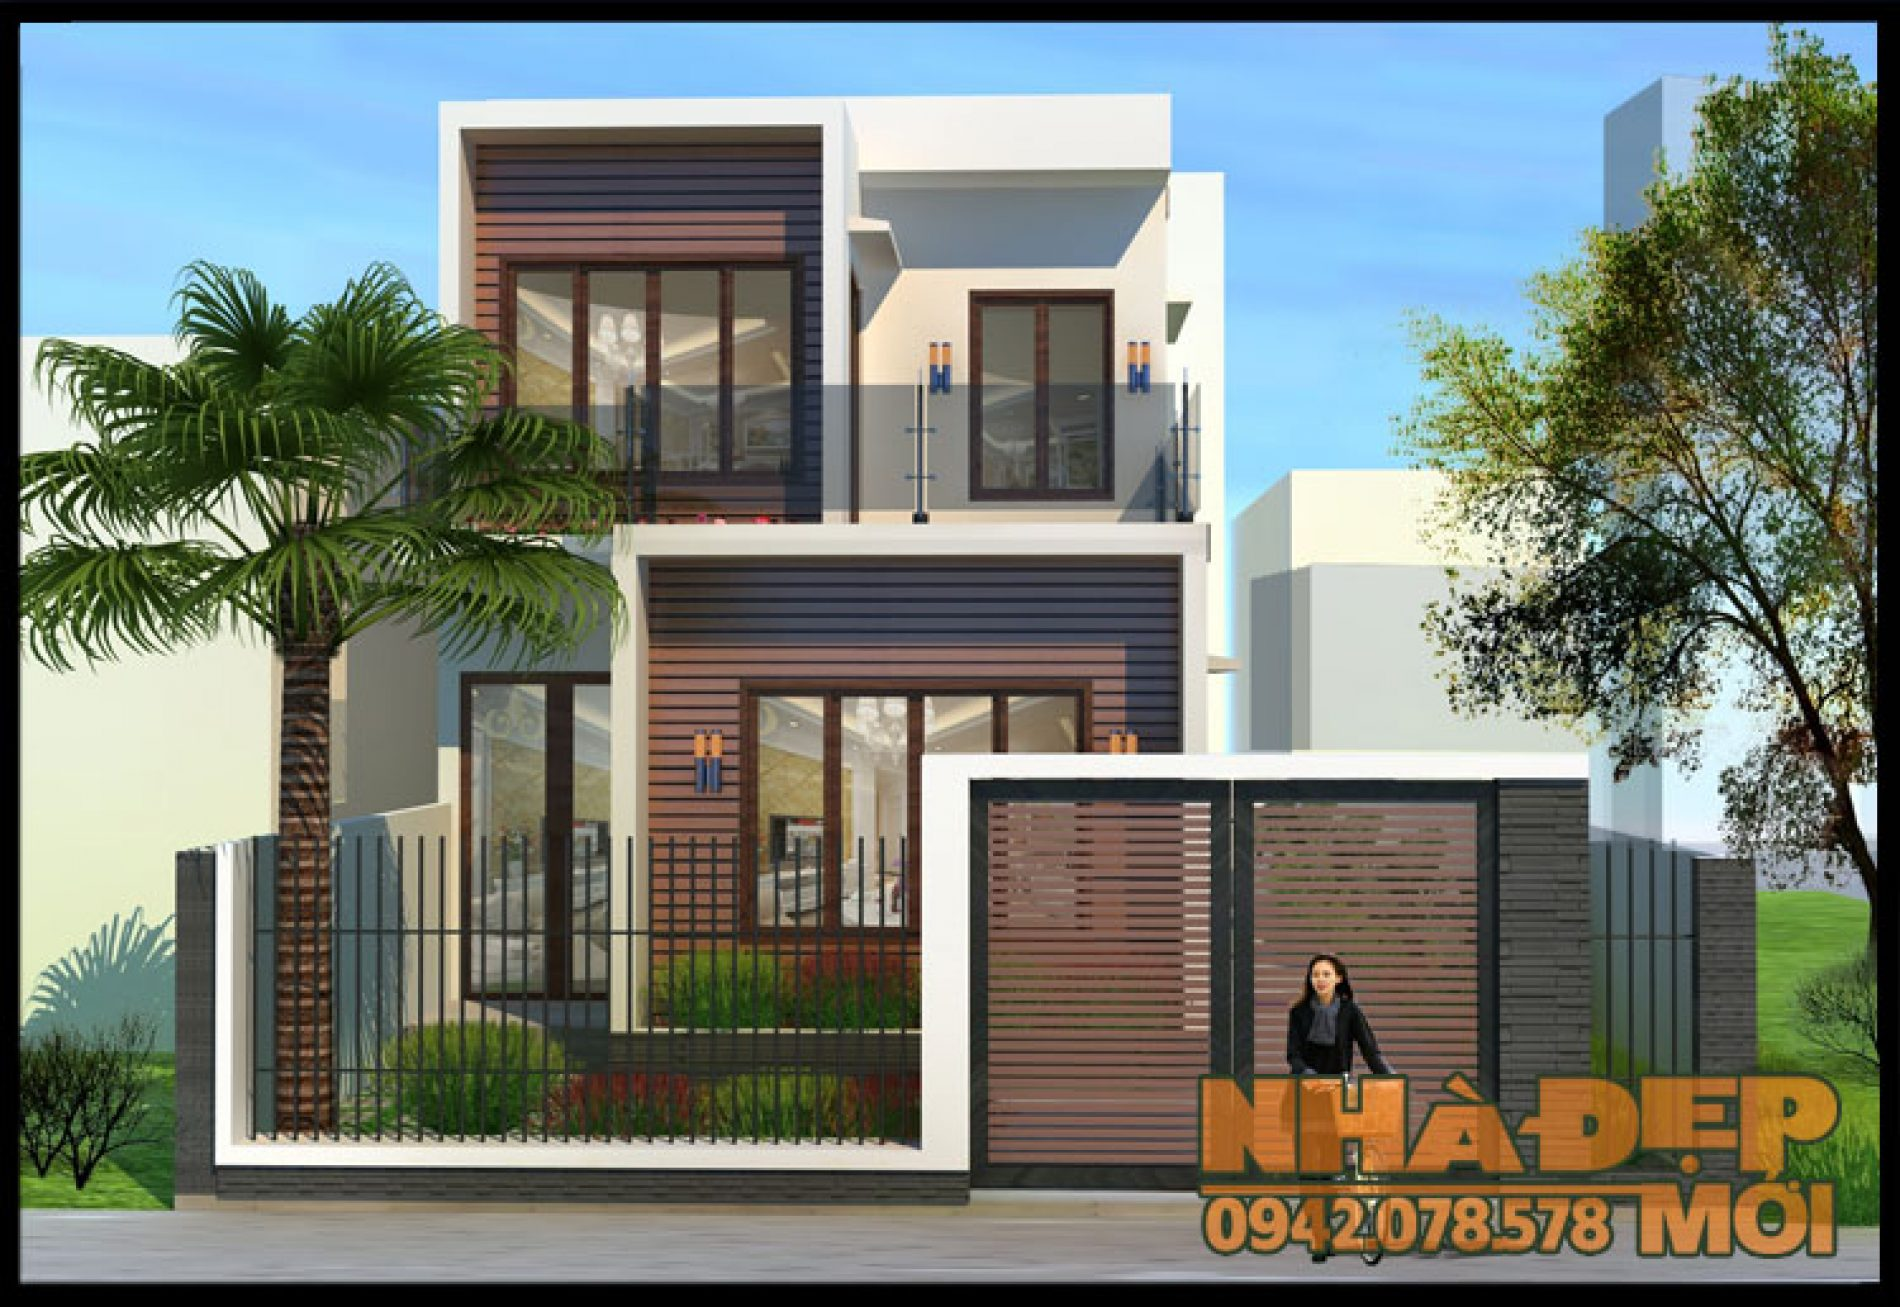 Mẫu nhà đẹp 2 tầng đơn giản 75m2 có nội thất sang trọng tại TP.Hà Tĩnh-VNP100517